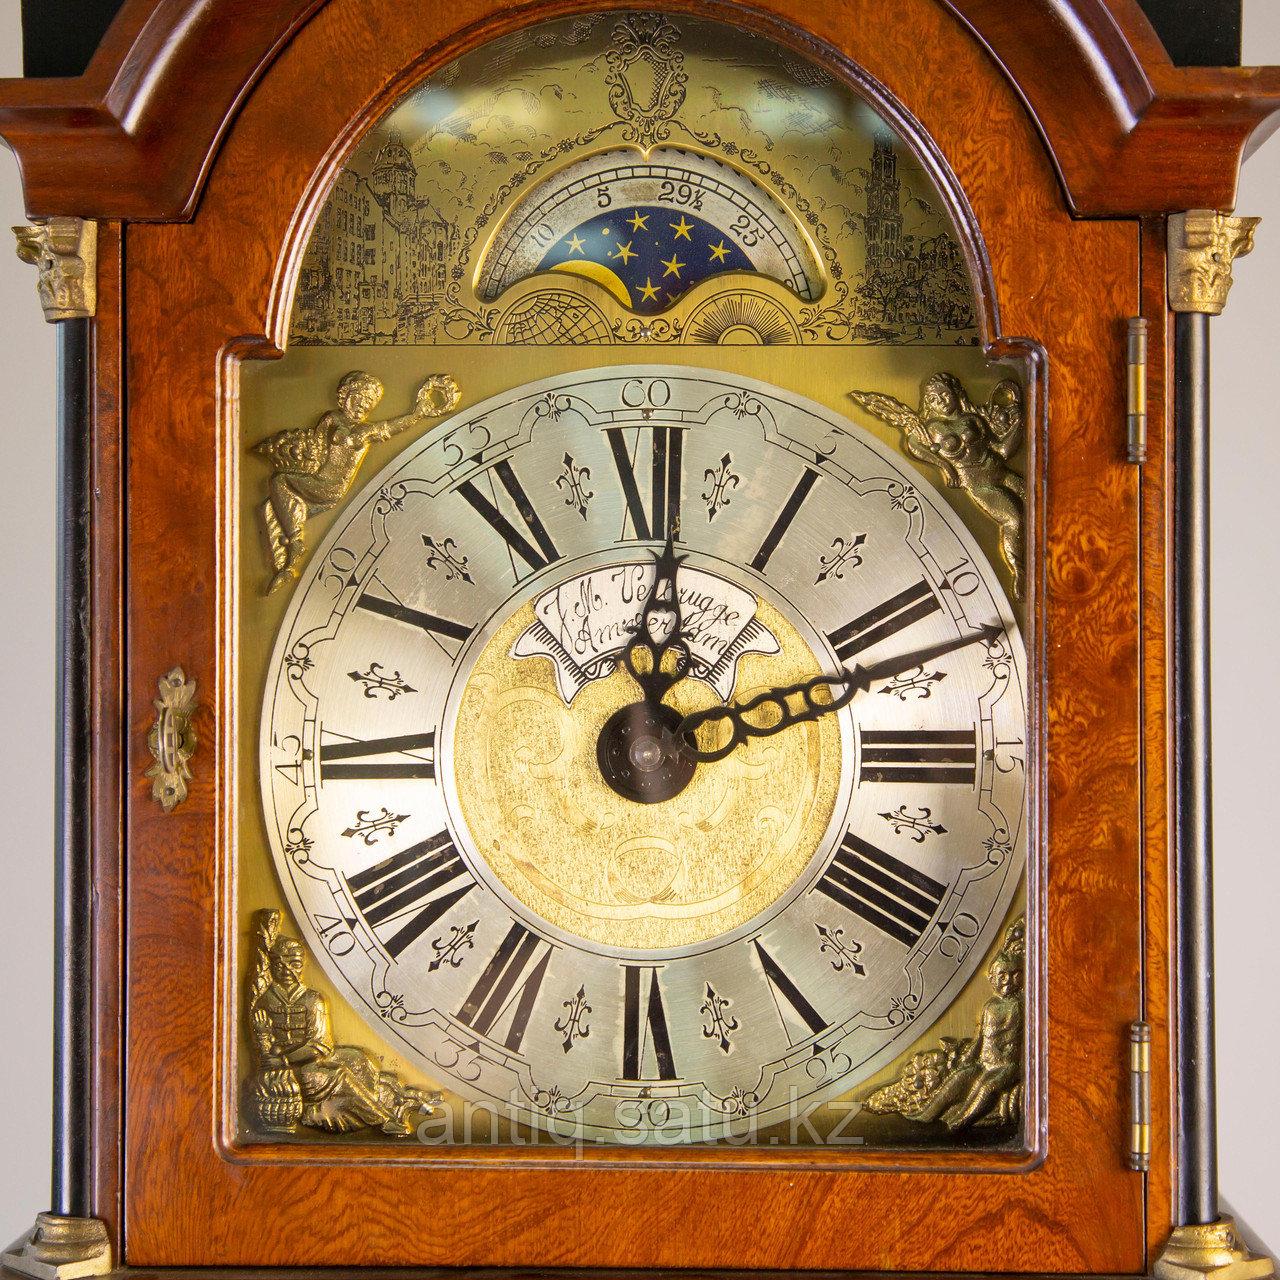 Напольные часы с лунным календарем. Голландия - фото 8